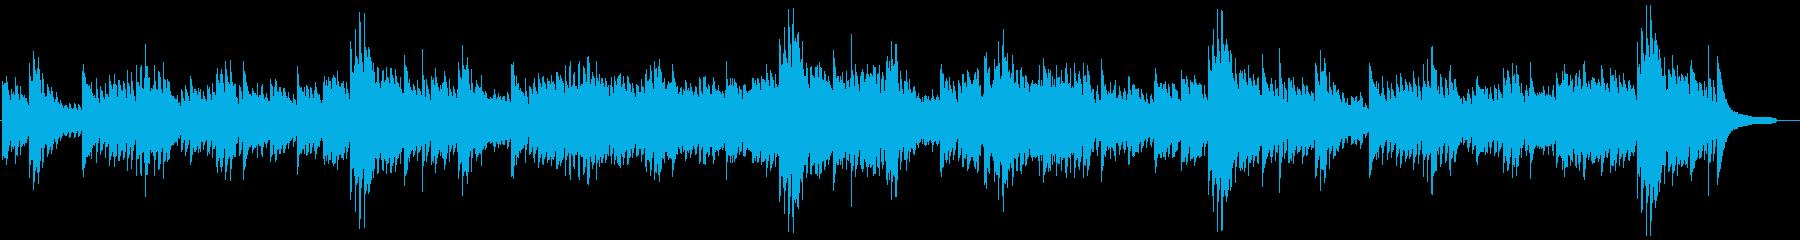 じわじわと感動を誘うエンディング曲の再生済みの波形